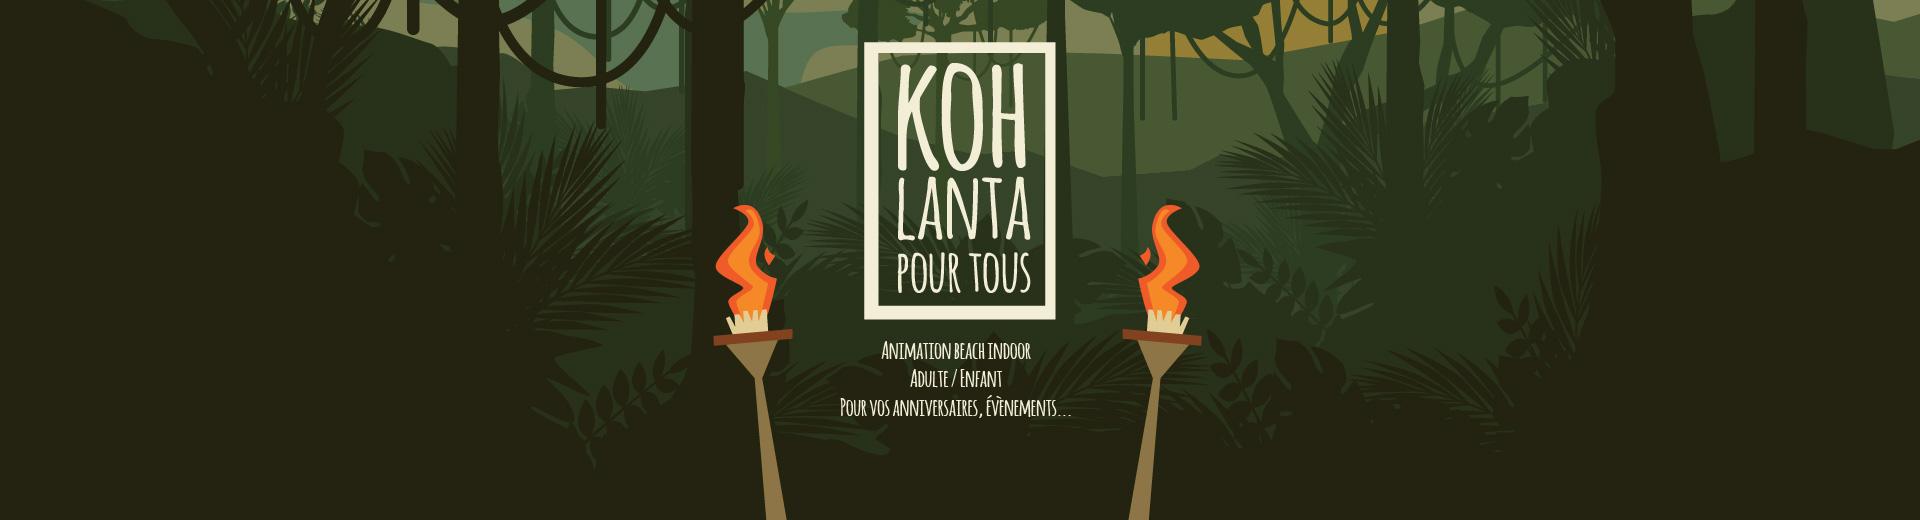 Koh Lanta pour tous chez D'Sport & Co